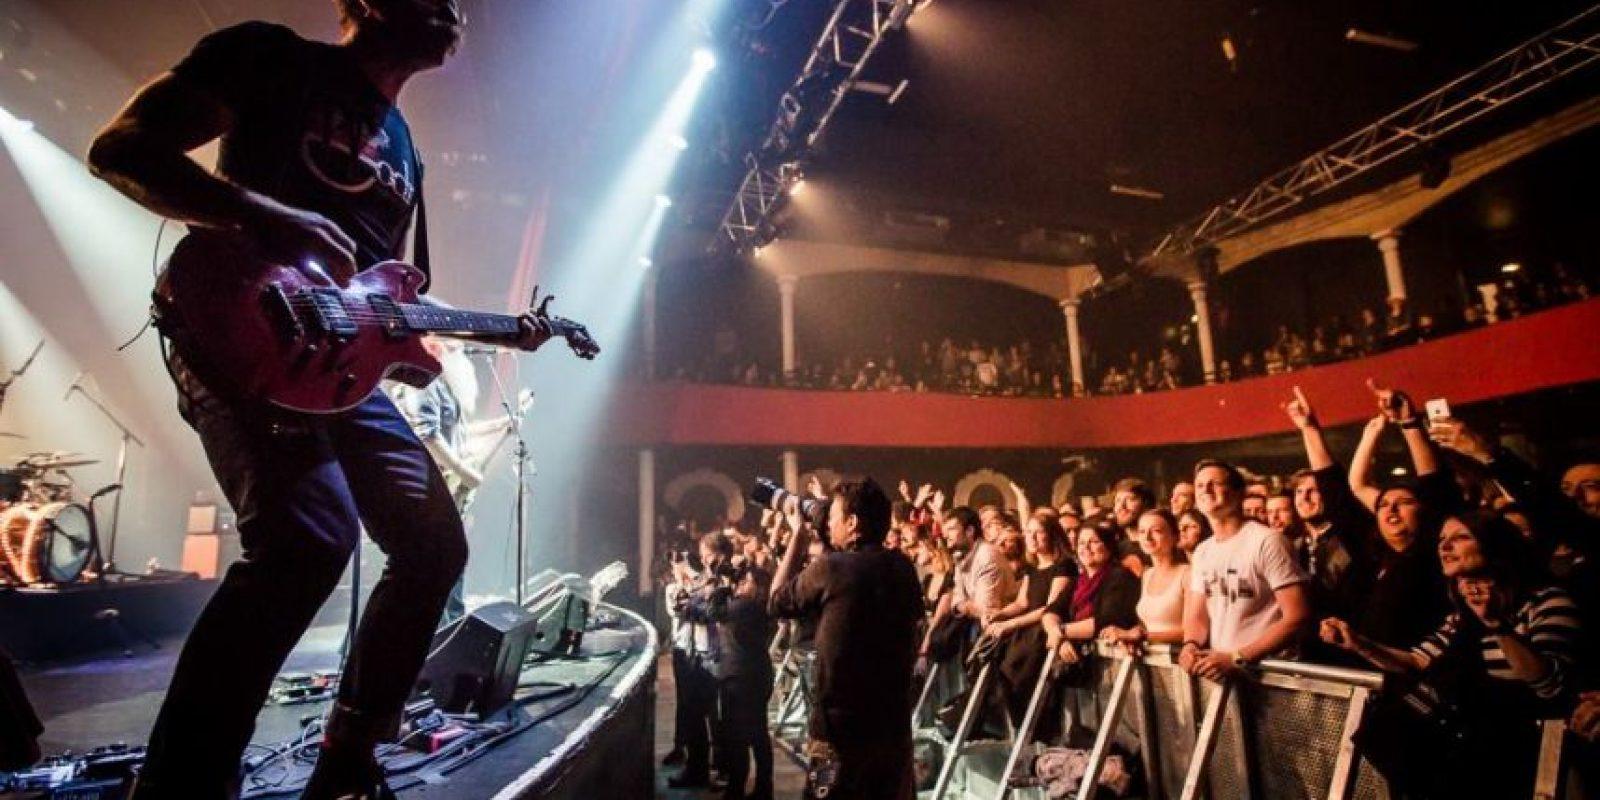 Las imágenes del concierto de Eagles of Death Metal previo al atentado Foto:Facebook.com/manuwino